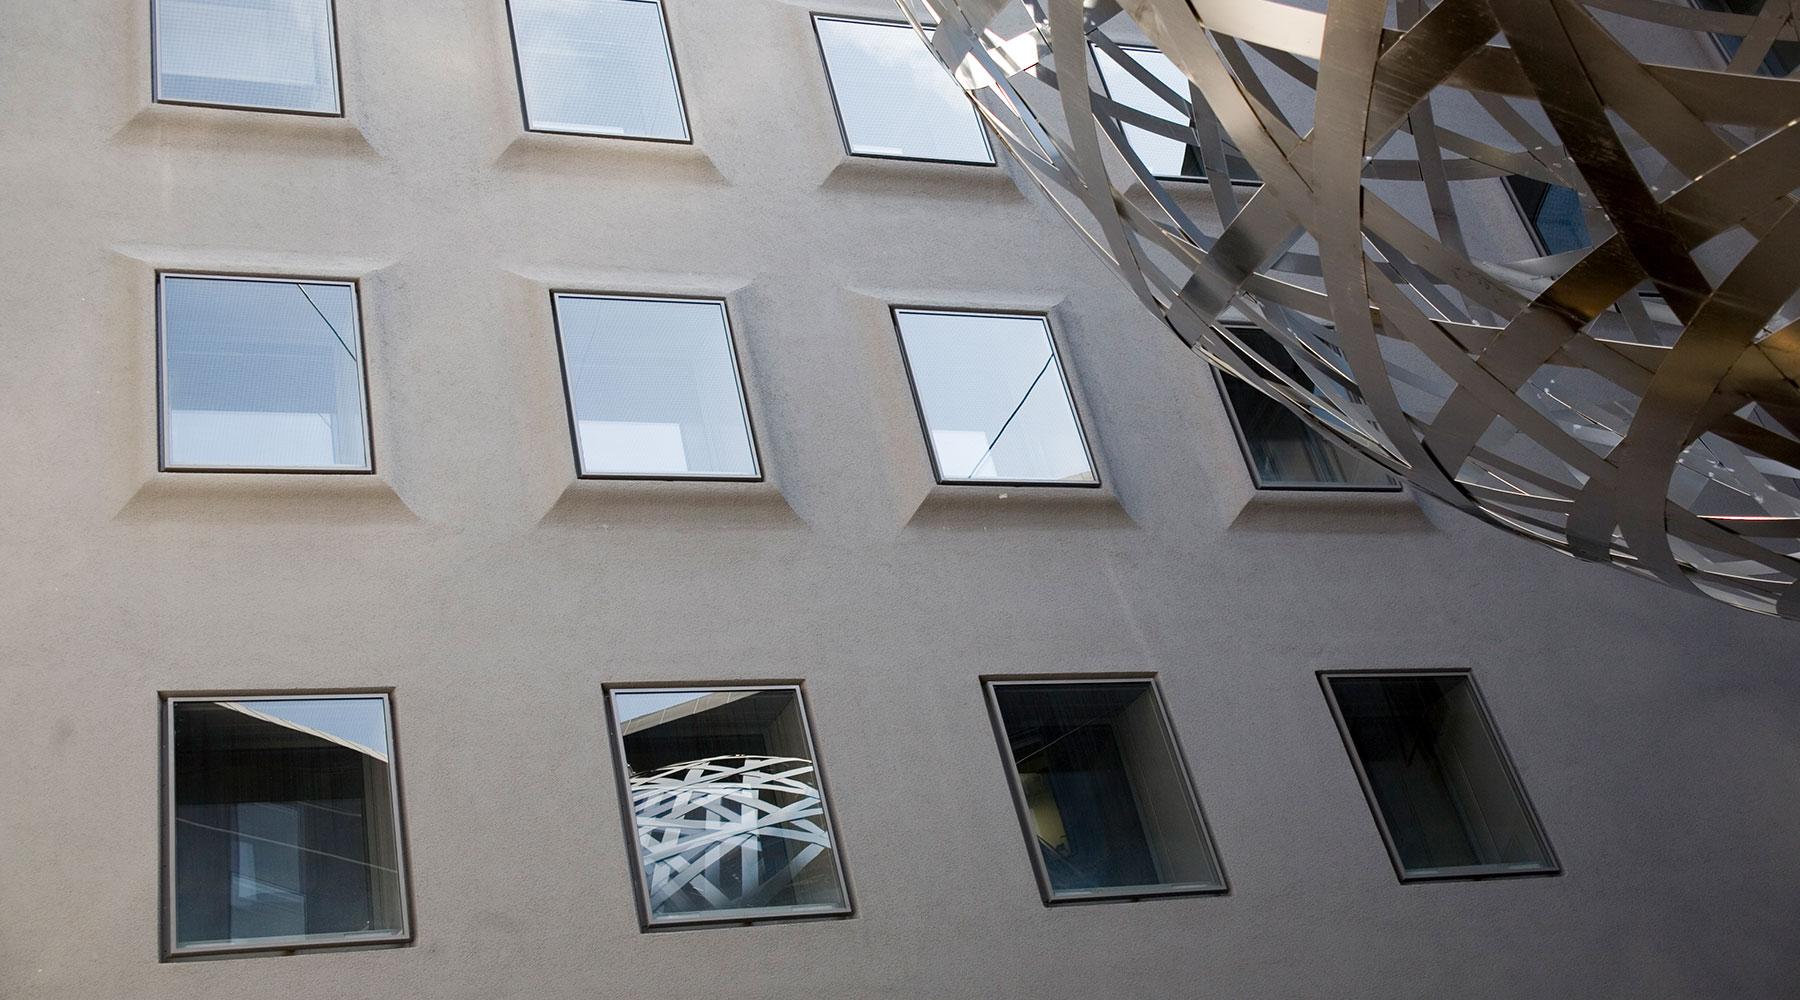 Symbolbild von Bürofenstern zum Thema Kleinunternehmen gründen